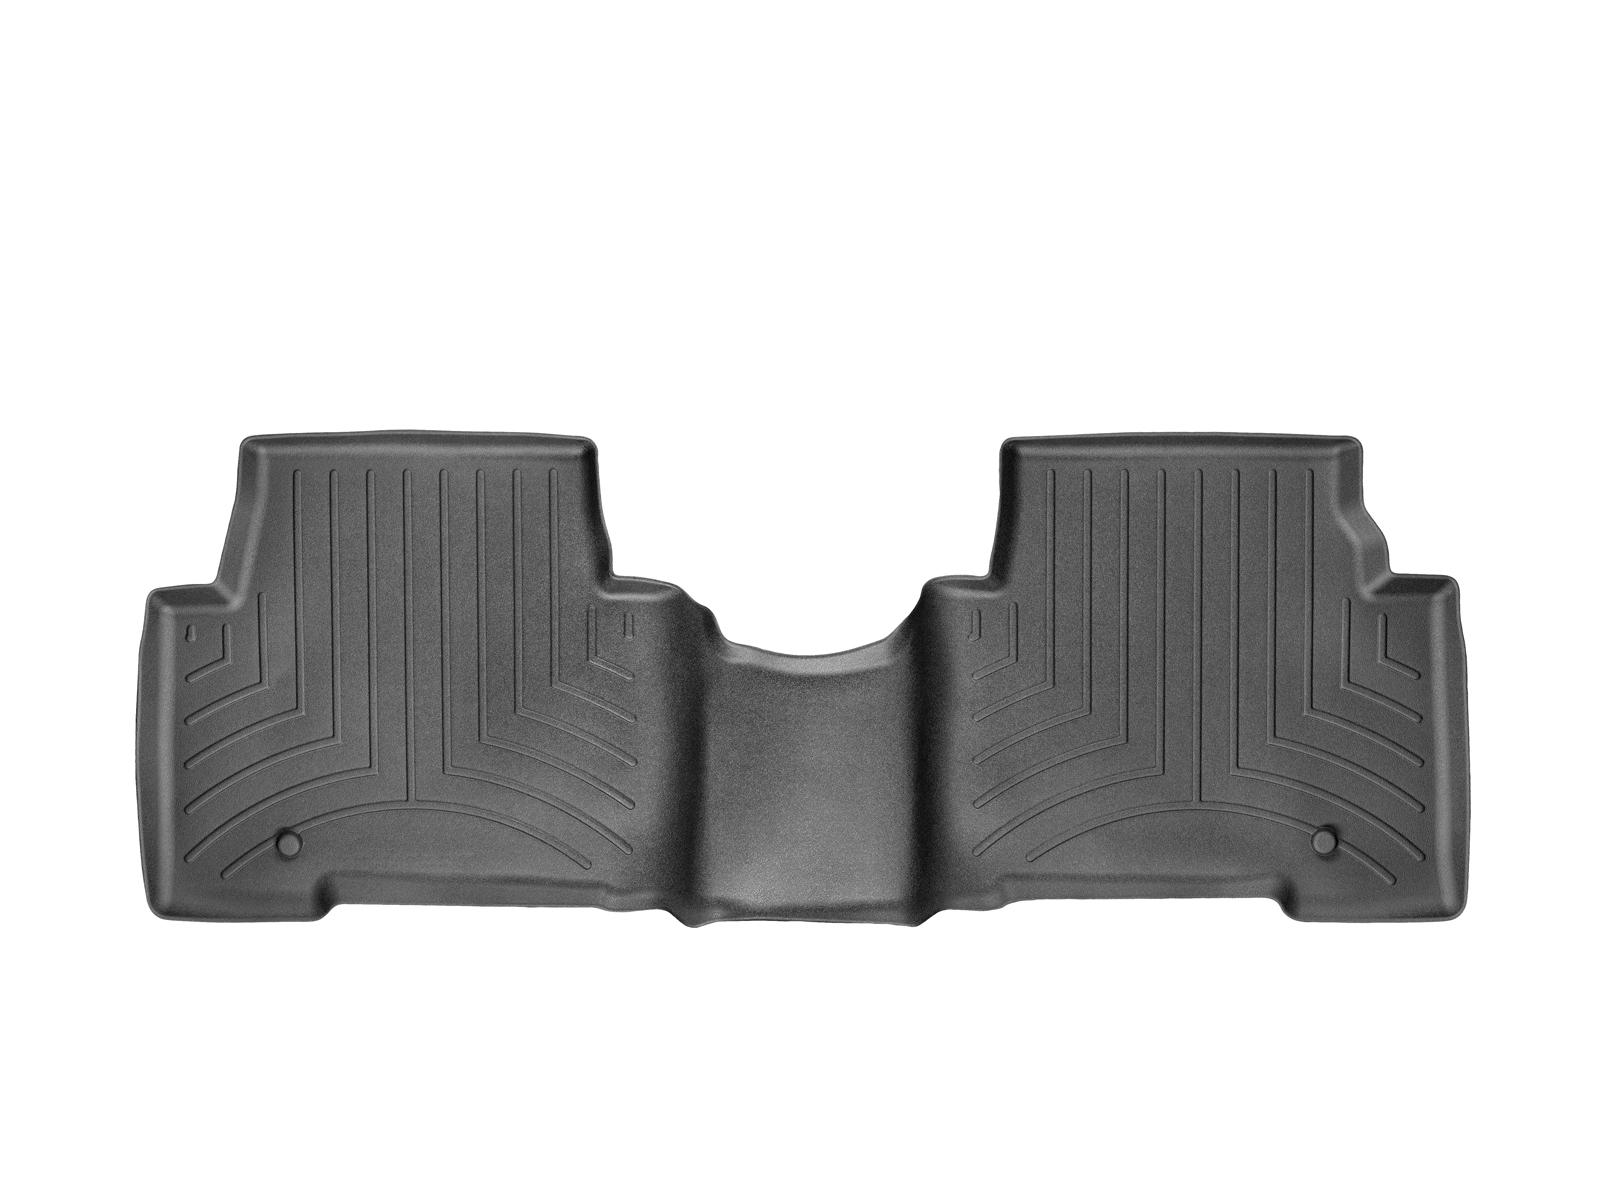 Tappeti gomma su misura bordo alto Hyundai Santa Fe 13>17 Nero A1495